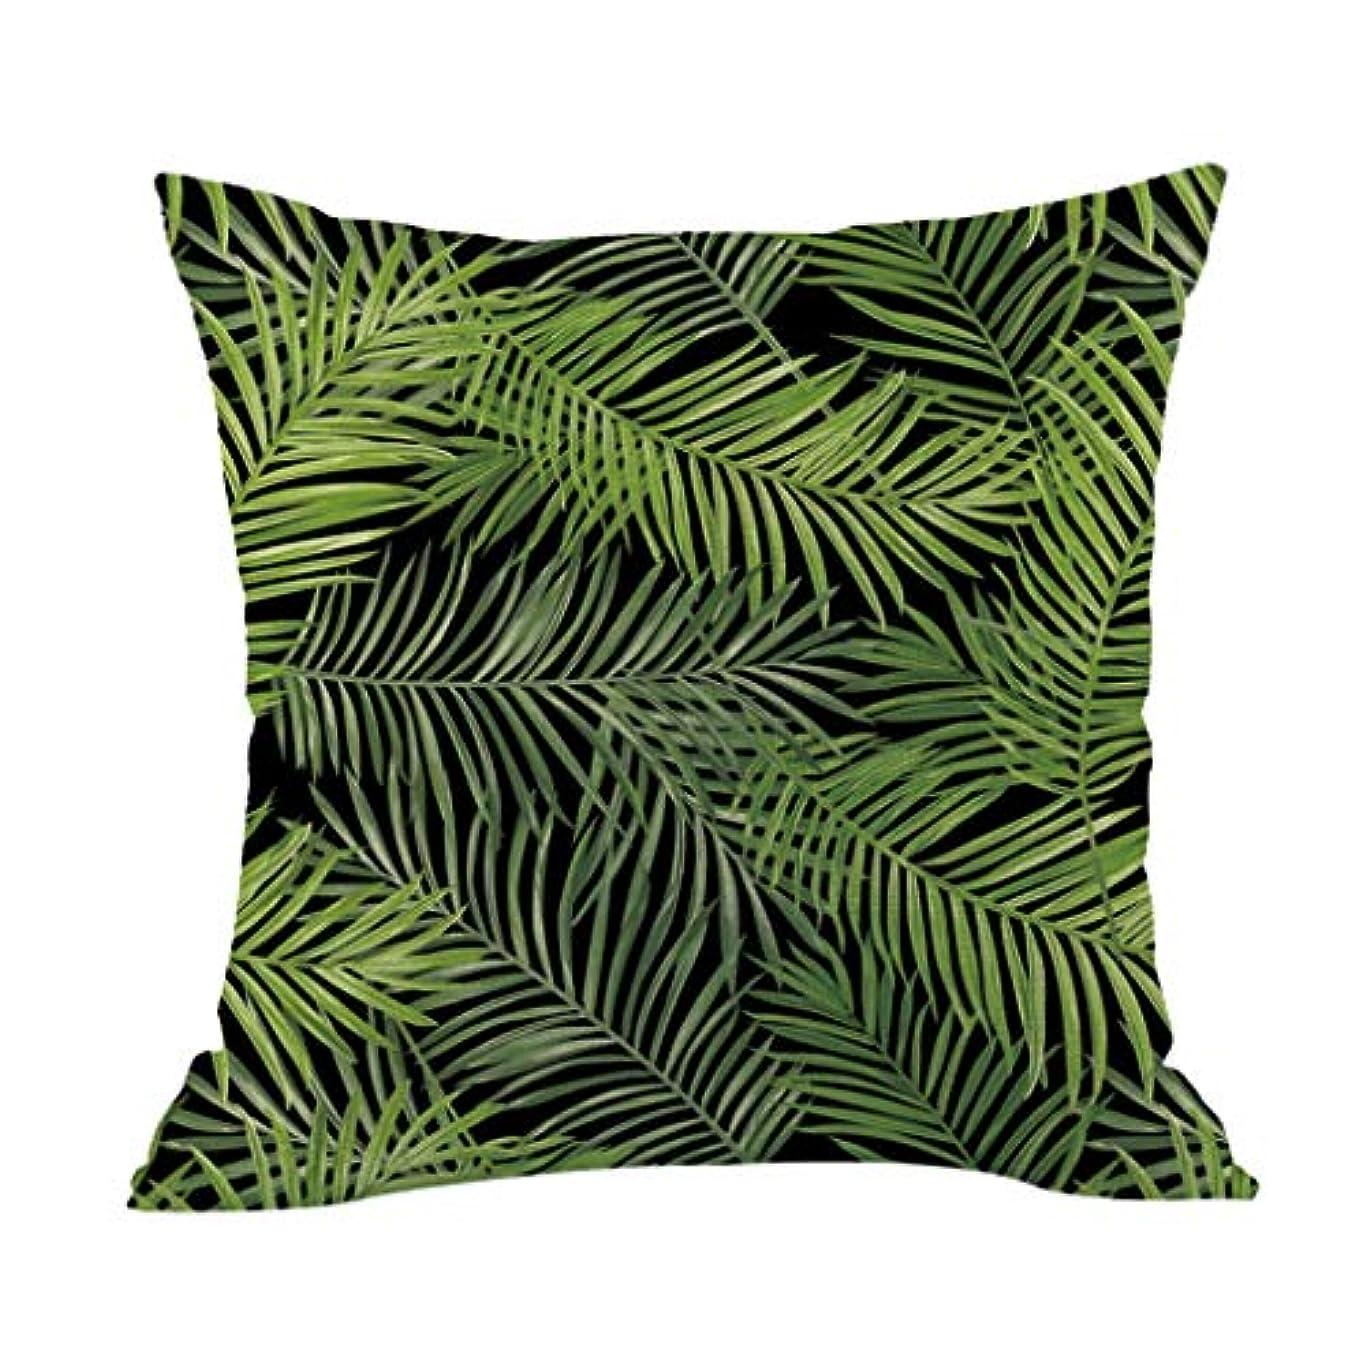 トリッキー意味のある圧縮されたLIFE 高品質クッション熱帯植物ポリエステル枕ソファ投げるパッドセットホーム人格クッション coussin decoratif クッション 椅子